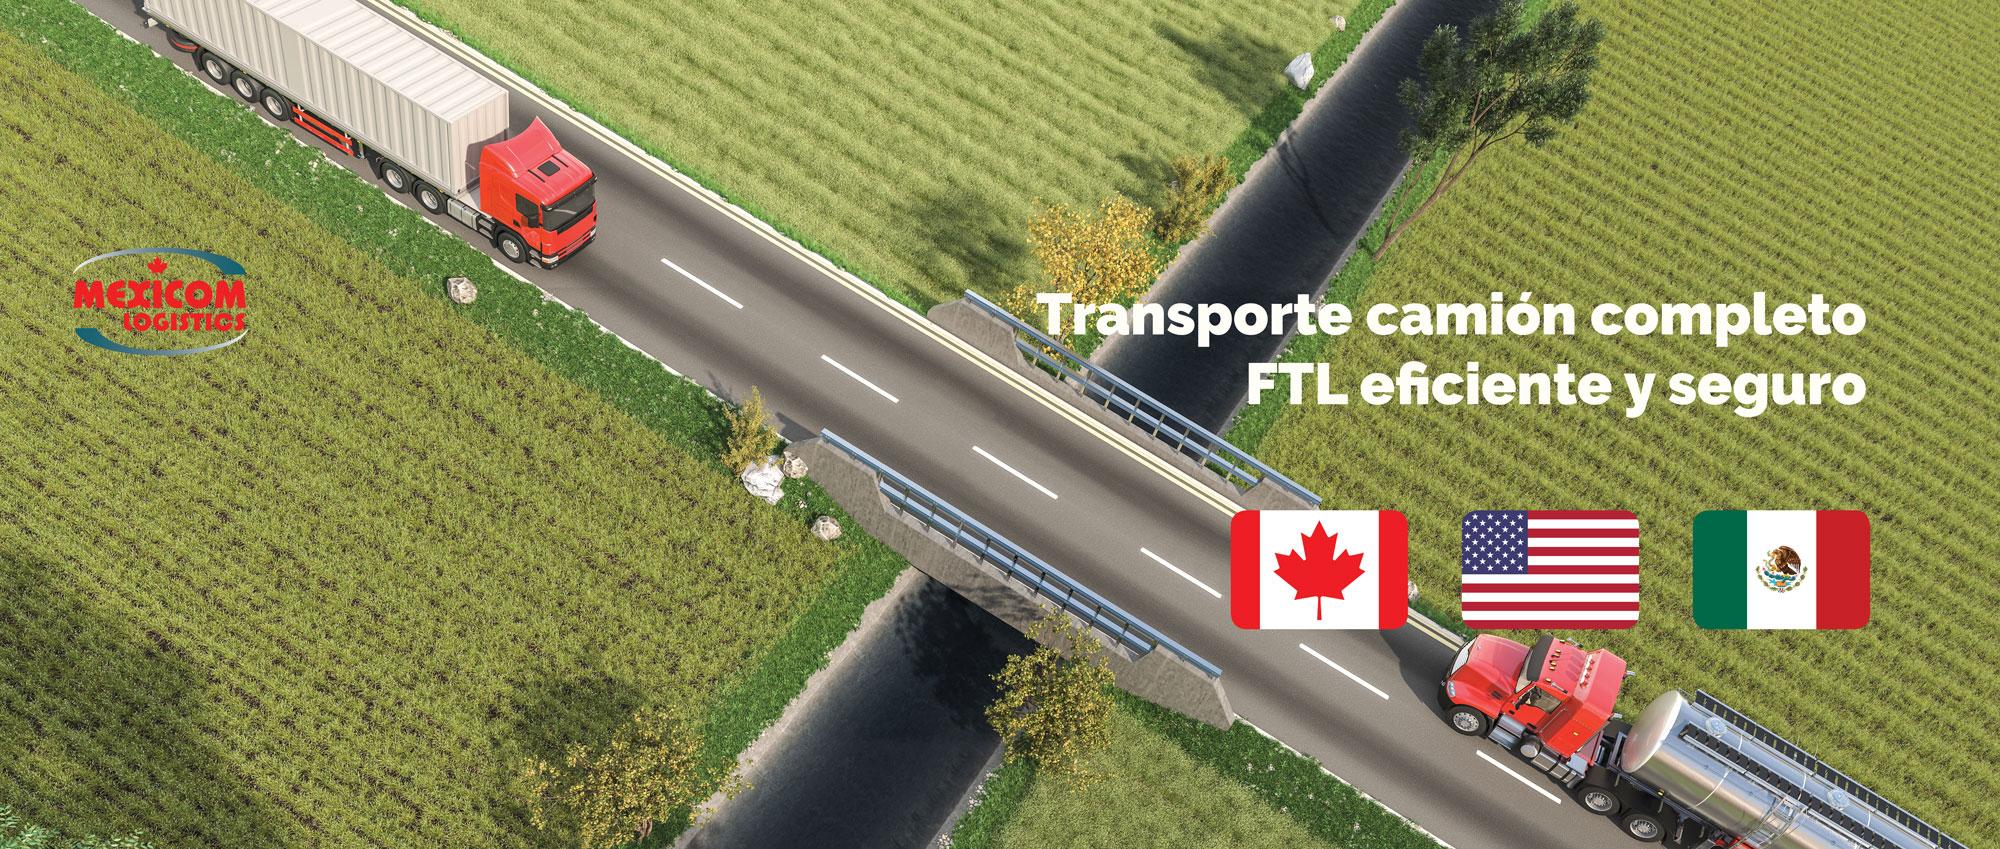 Transporte seguro y eficiente camion completo FTL entre Mexico Estados Unidos y Mexico